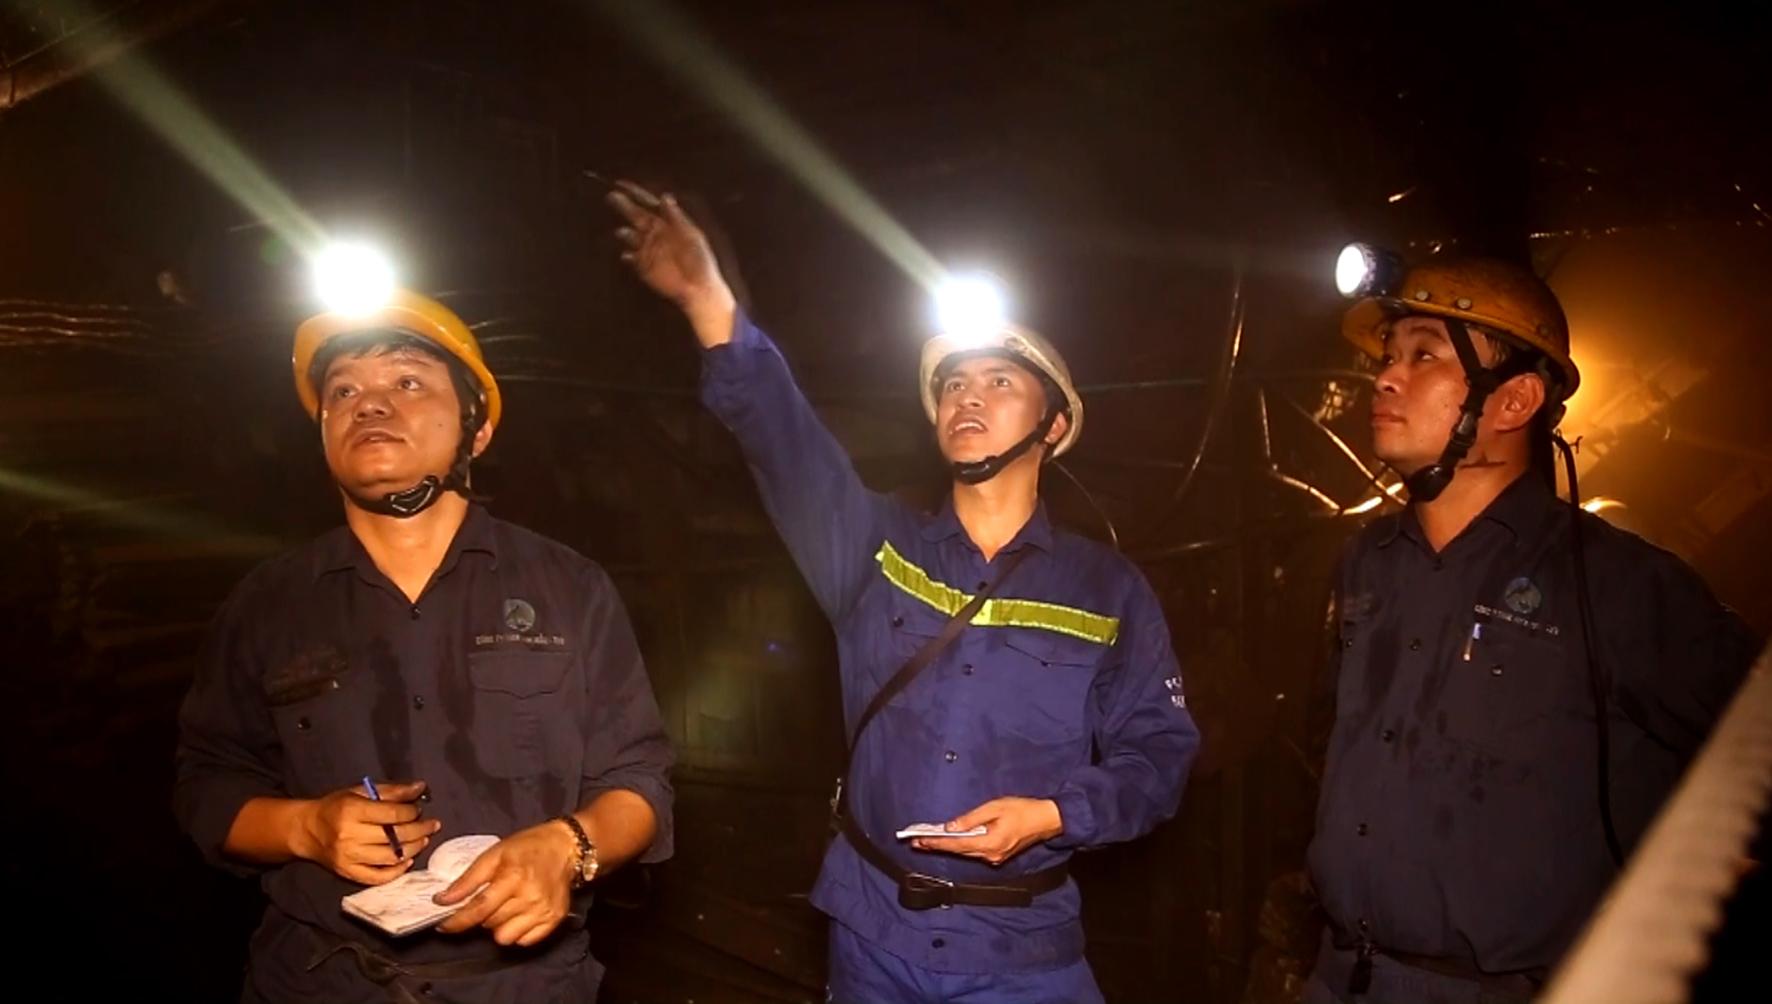 Ứng dụng sáng tạo trong công tác vận chuyển vật liệu mỏ tại Than Nam Mẫu (1)